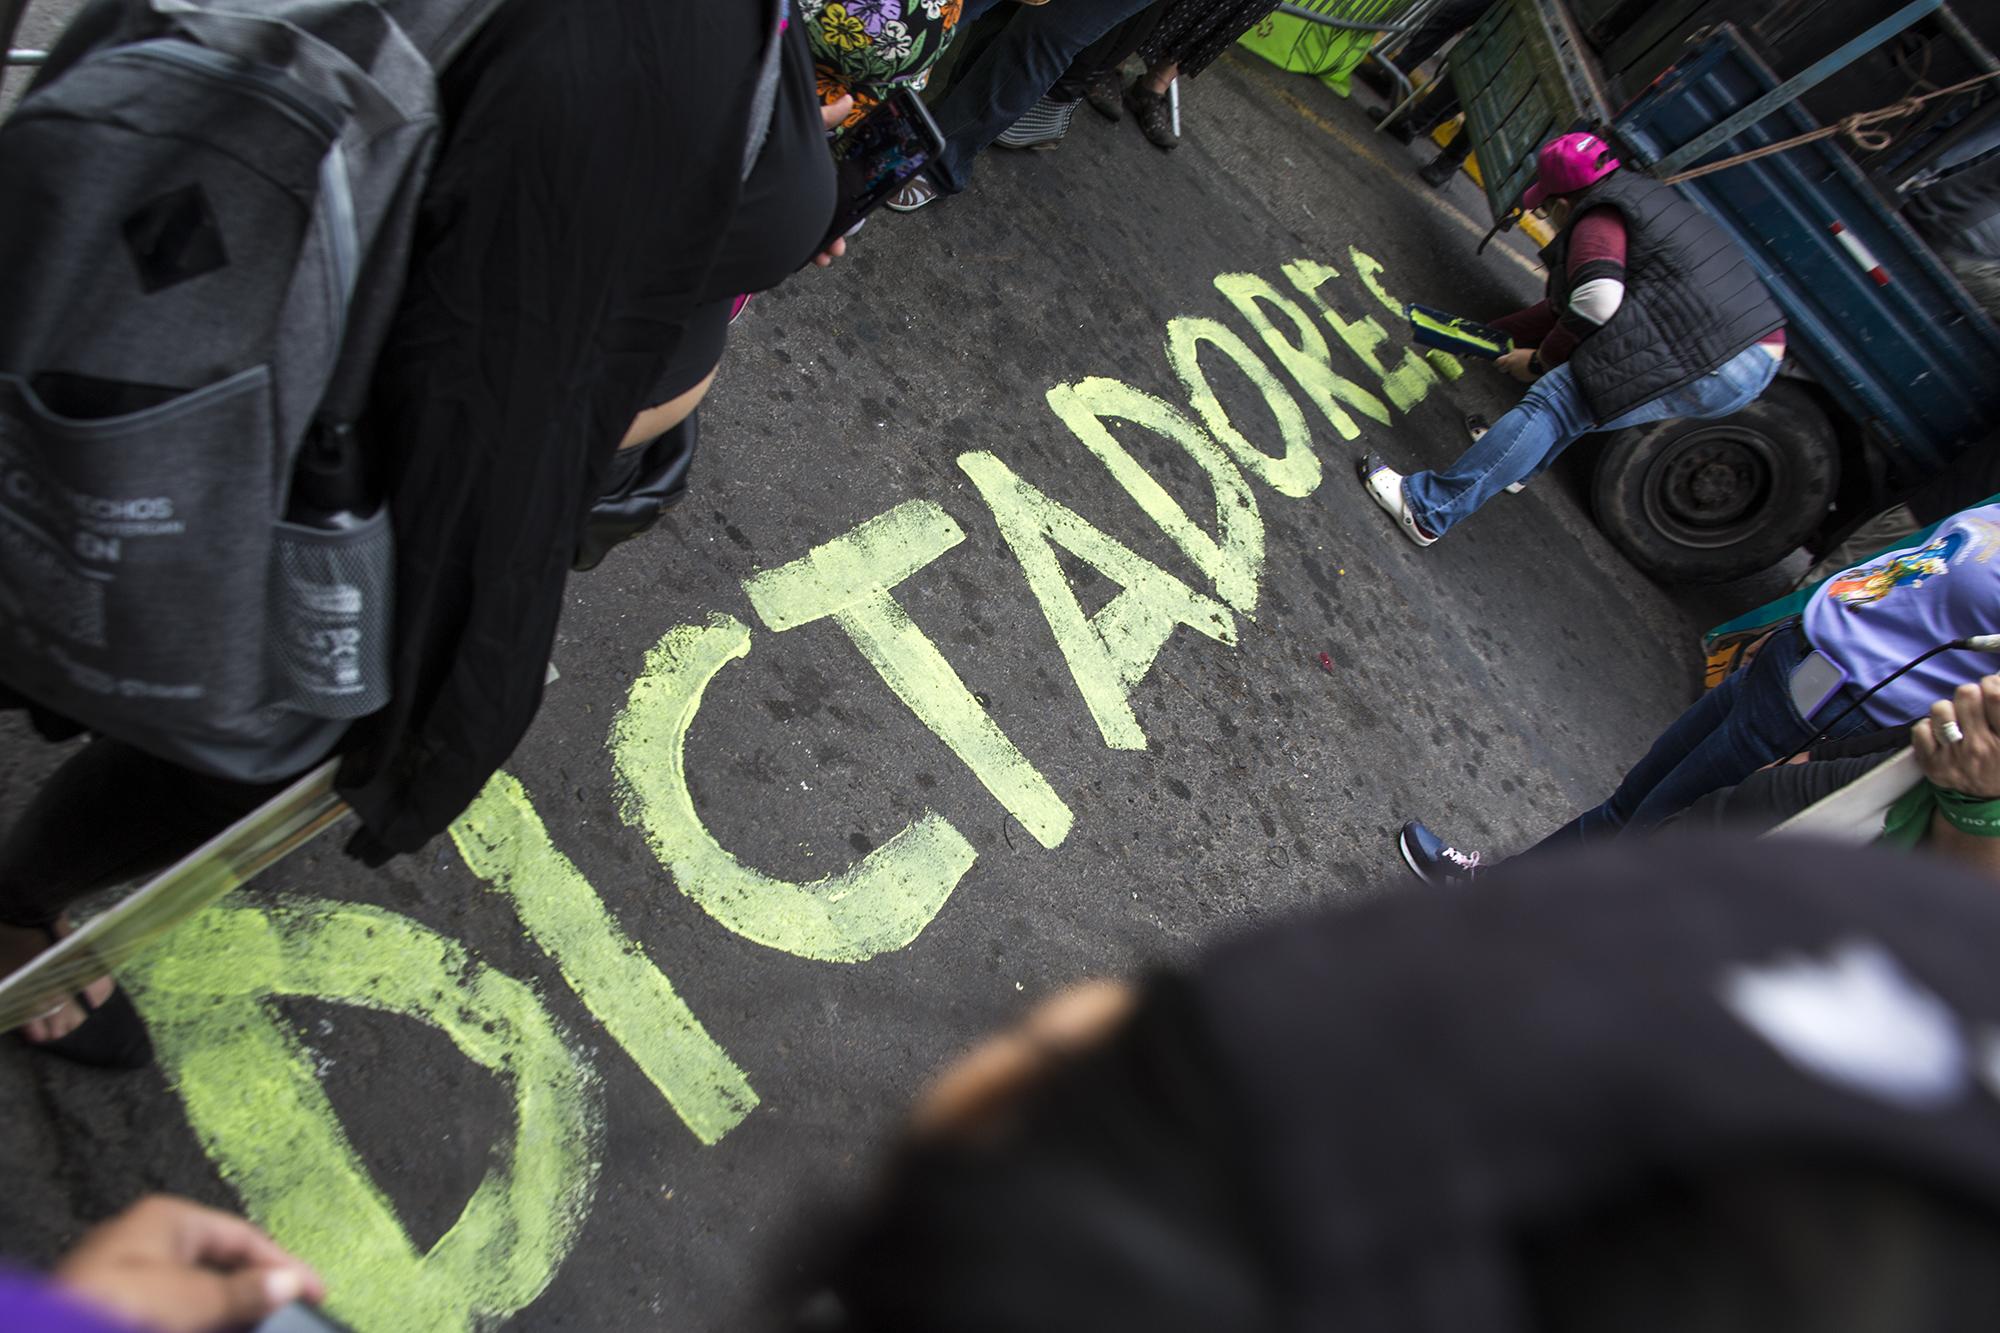 Una mujer realiza una pinta frente a la valla instalada por la policía para impedir el paso de la movilización hasta el Congreso Nacional. Tegucigalpa,  25 de enero de 2021. Foto: Ezequiel Sánchez / Contracorriente.